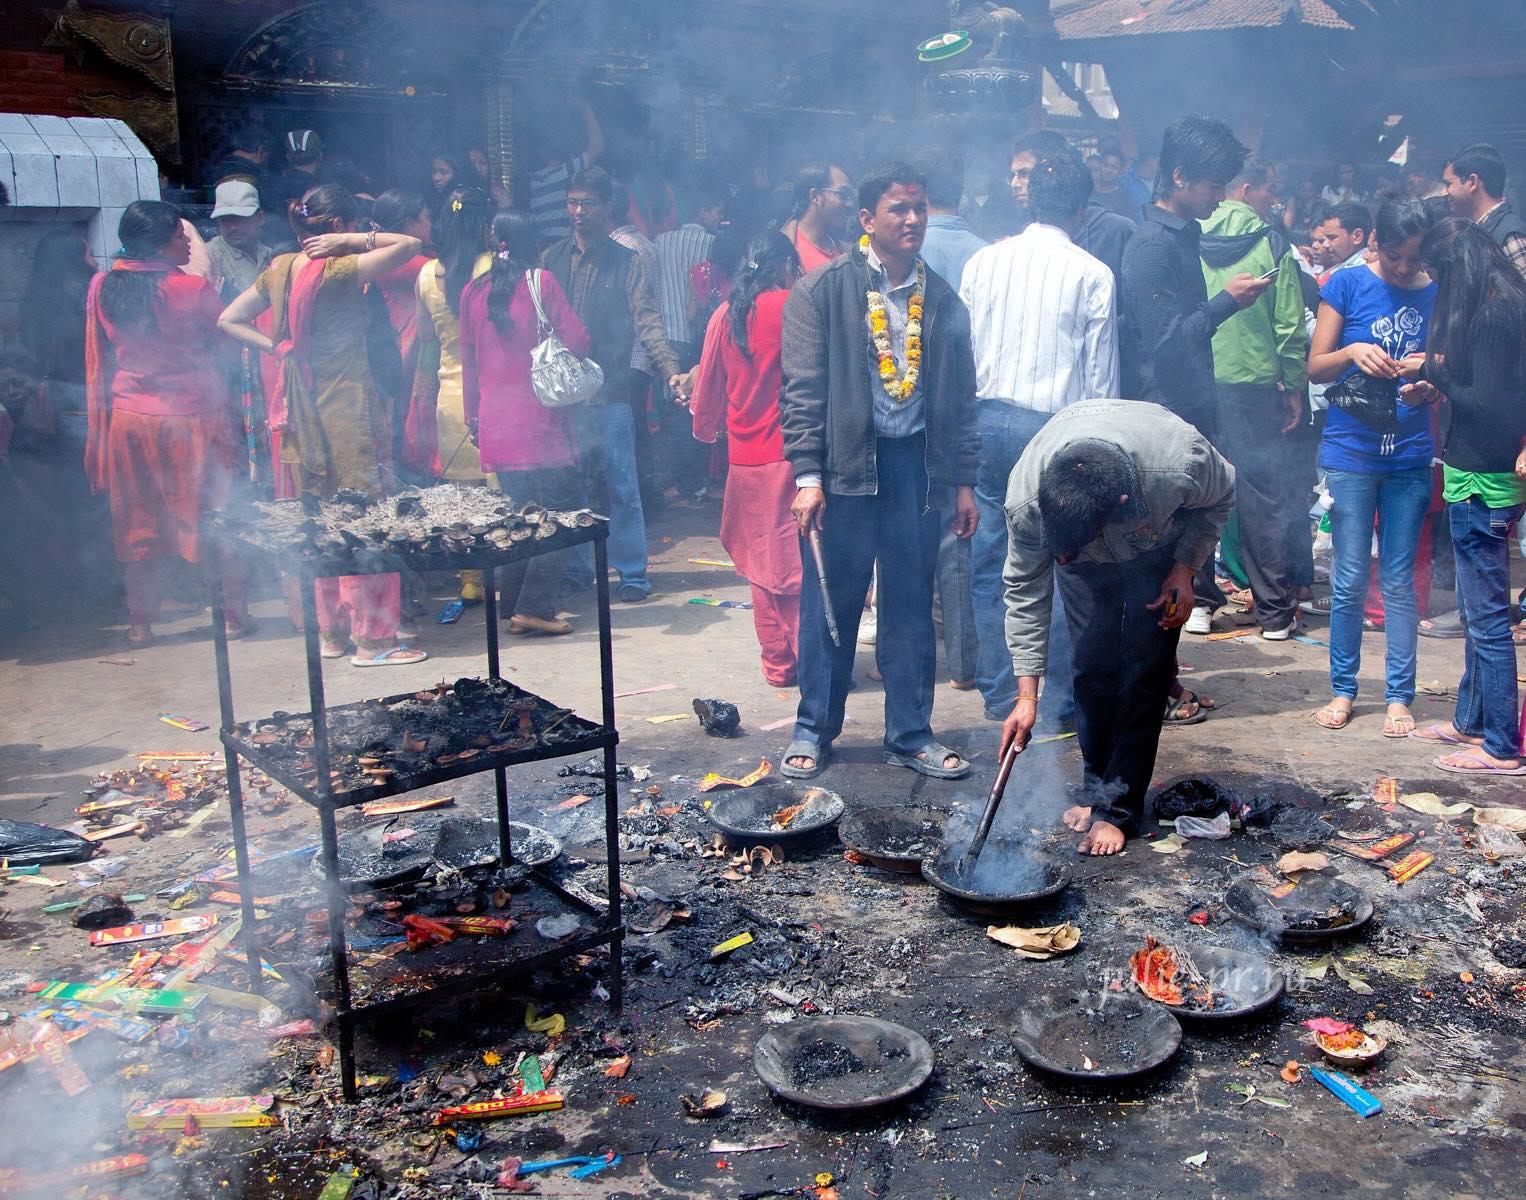 Непал, Катманду, люди, храм